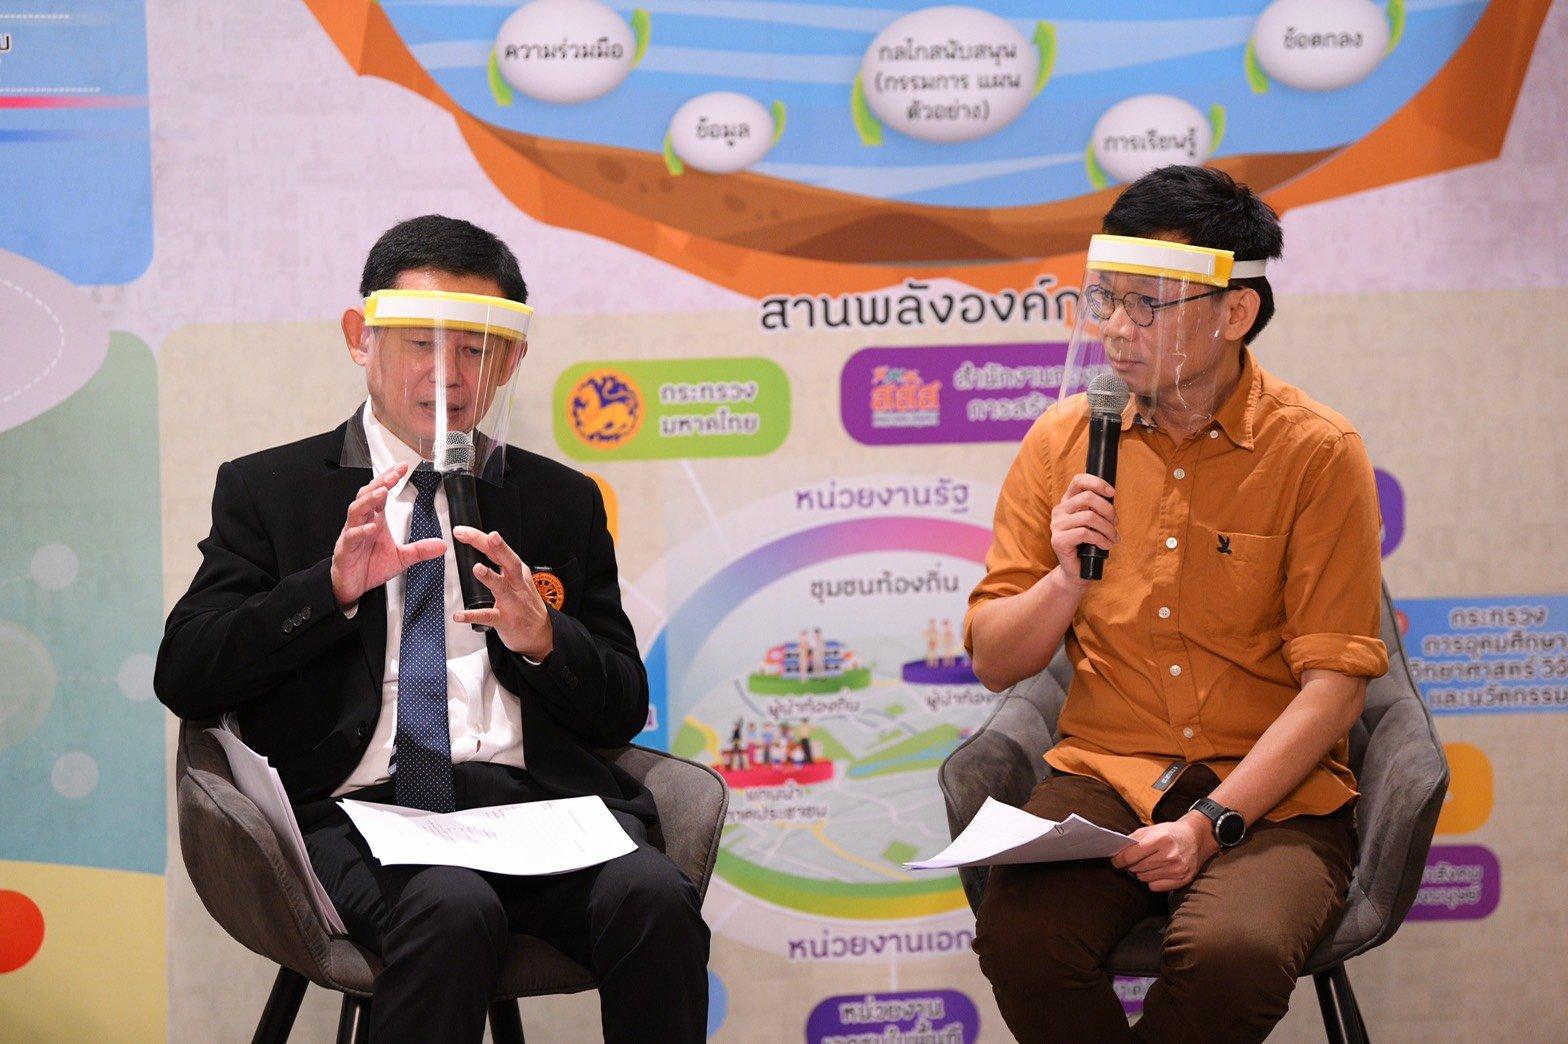 ทศวรรษร่วมสร้างชุมชนท้องถิ่นน่าอยู่  ขับเคลื่อน 7 นโยบายสาธารณะ   thaihealth